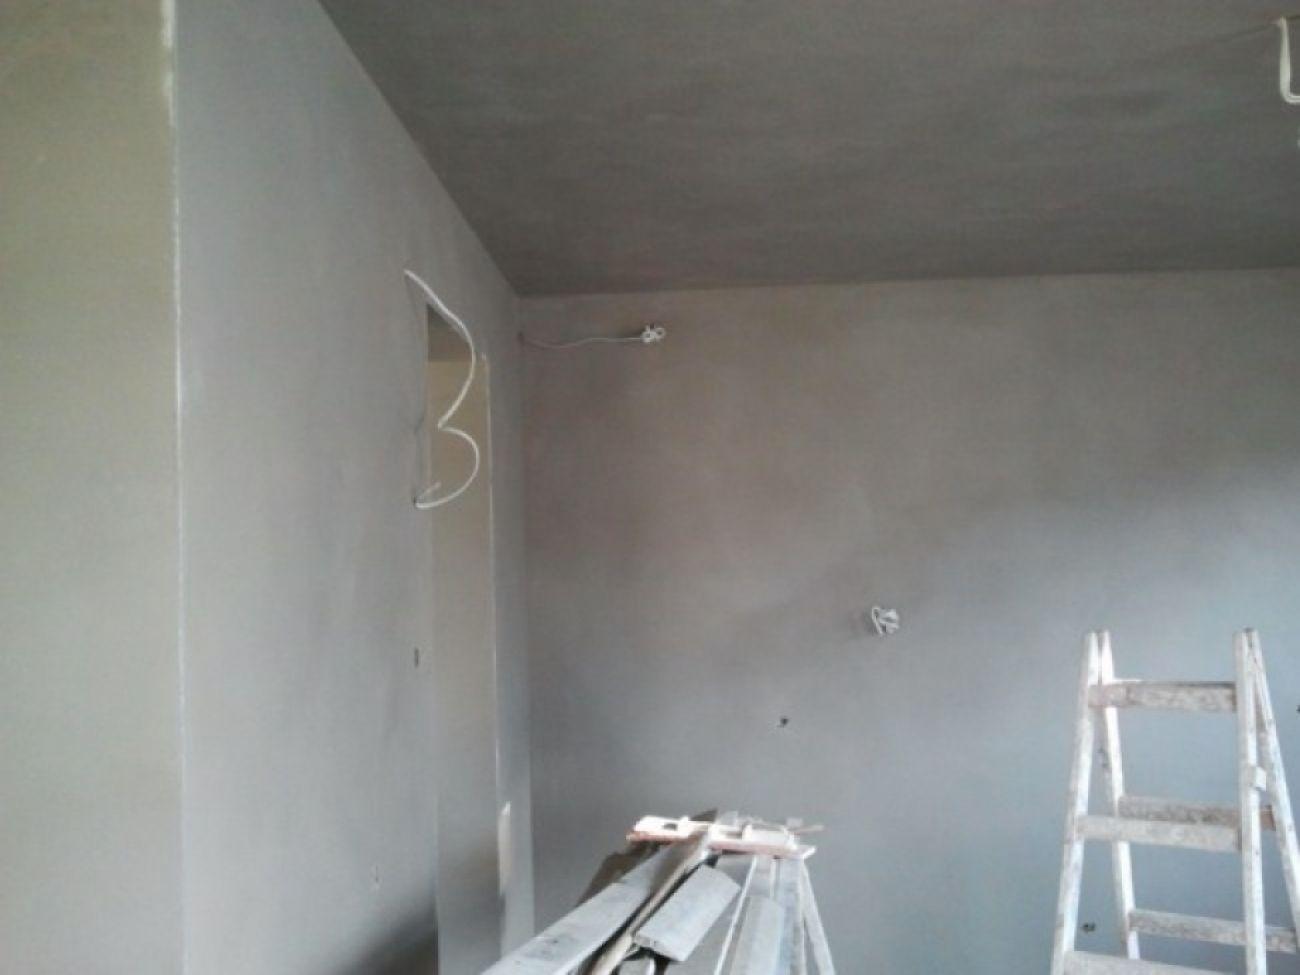 Tynki Gipsowe Cementowo Wapienne Krakow Inside System Www